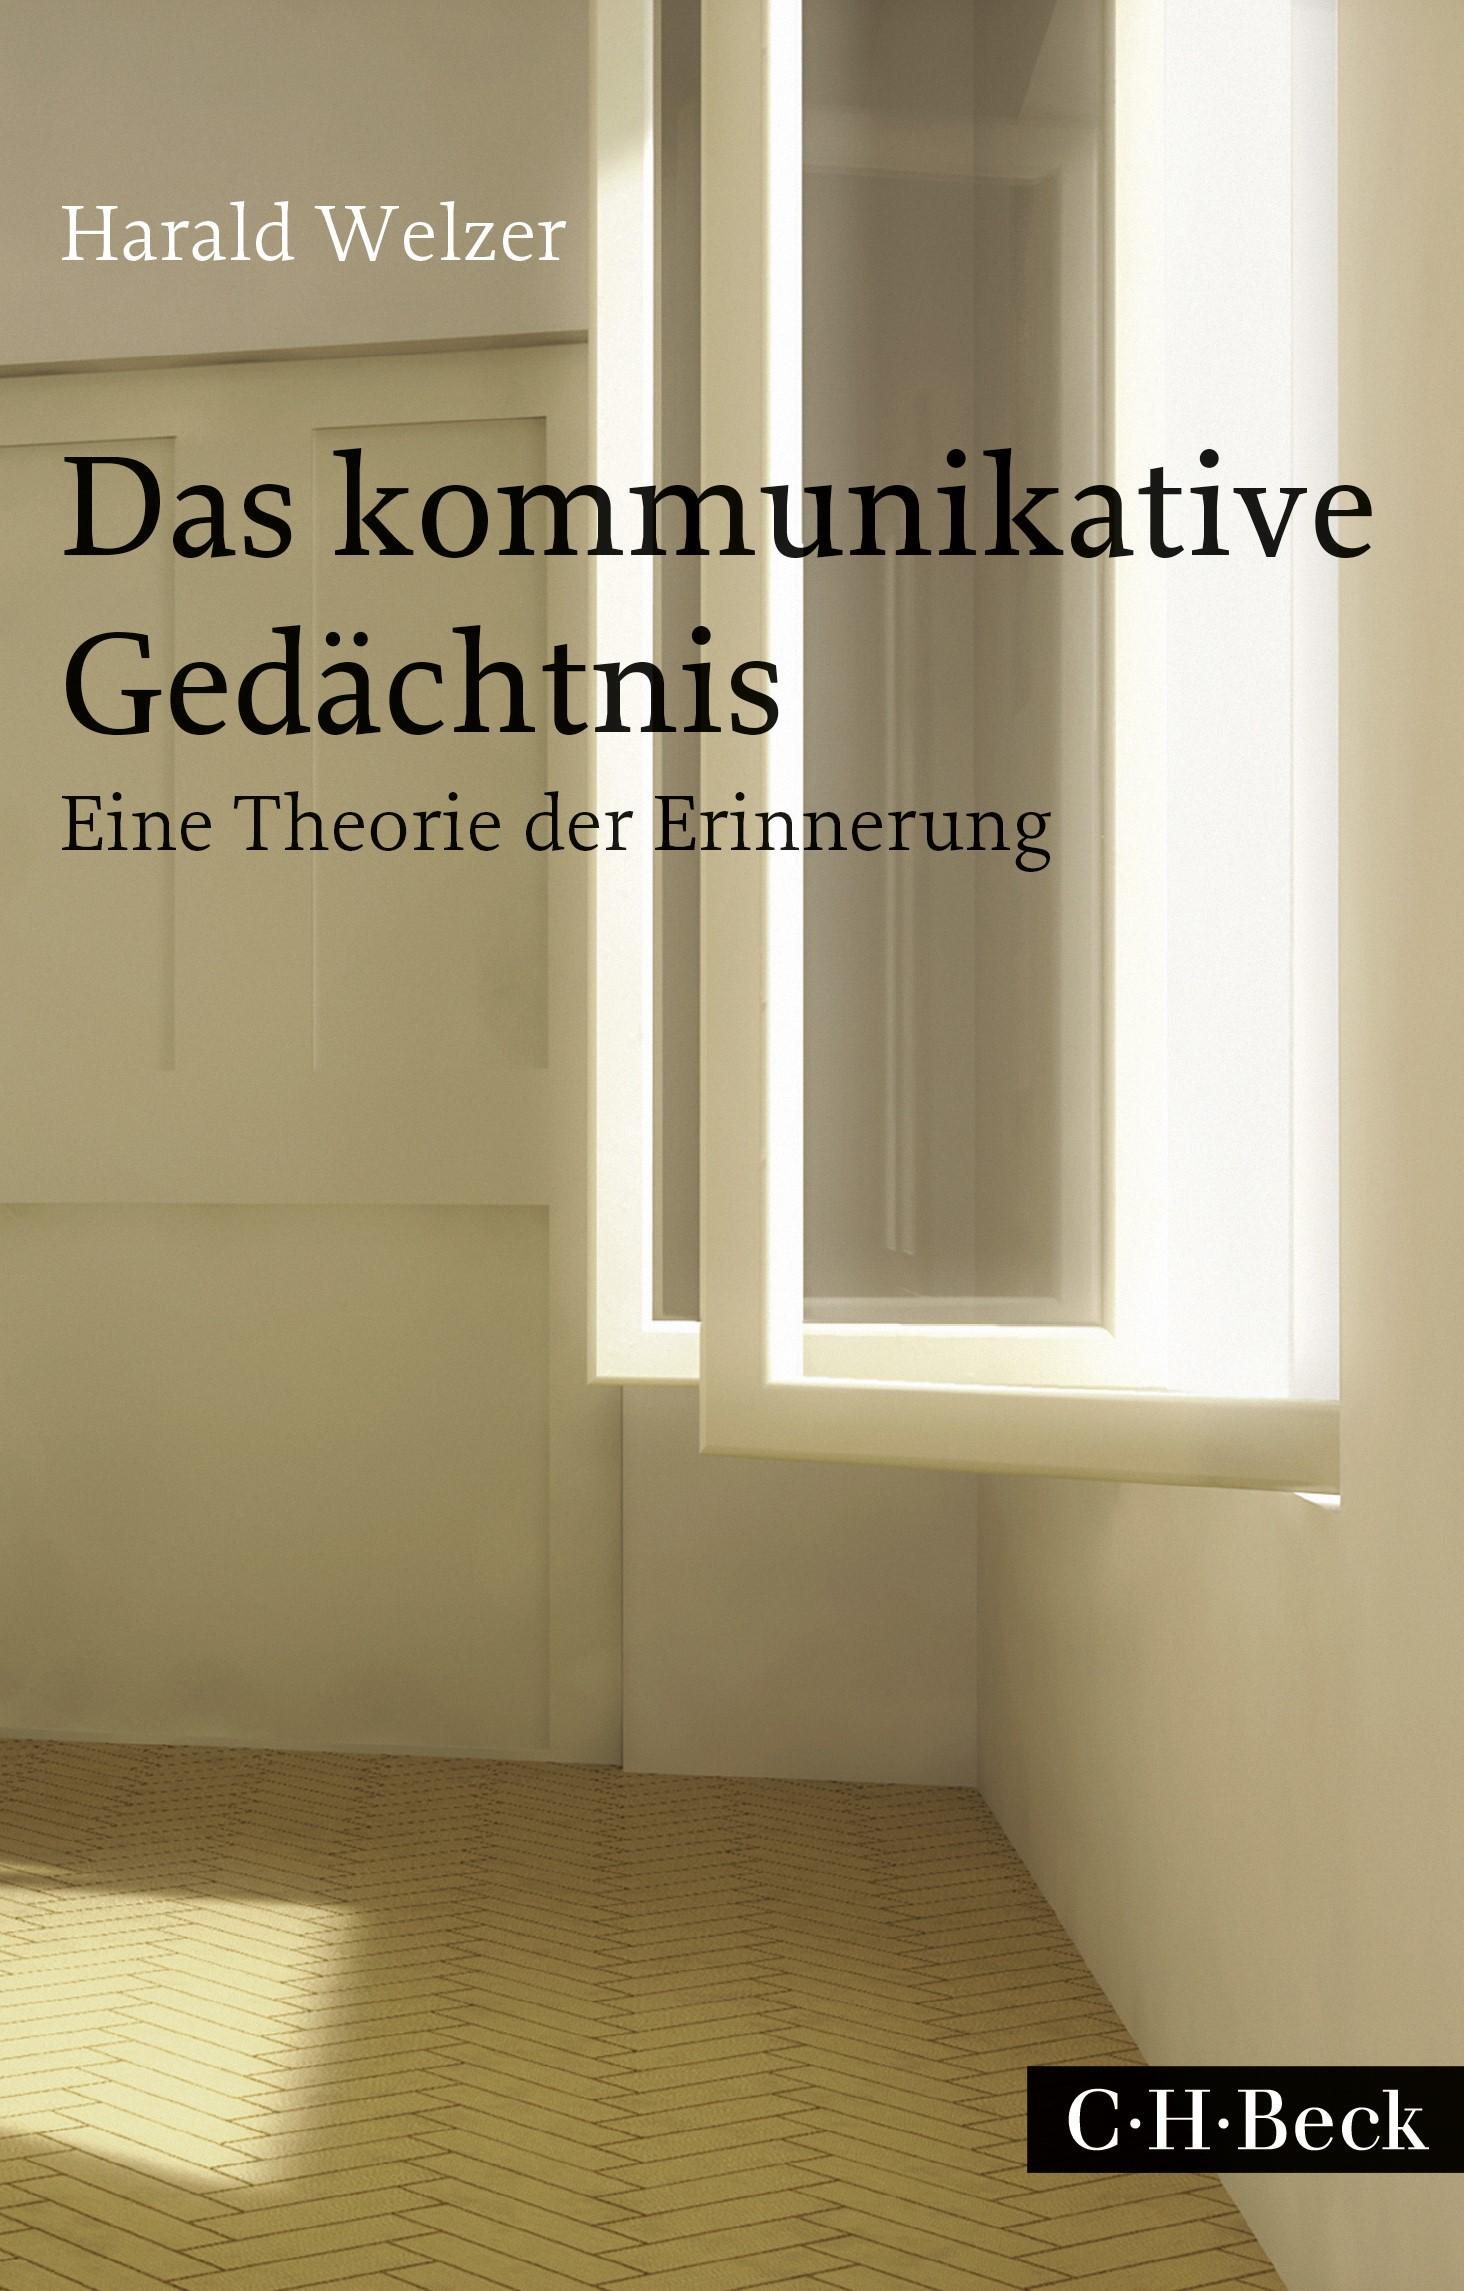 Cover des Buches 'Das kommunikative Gedächtnis'